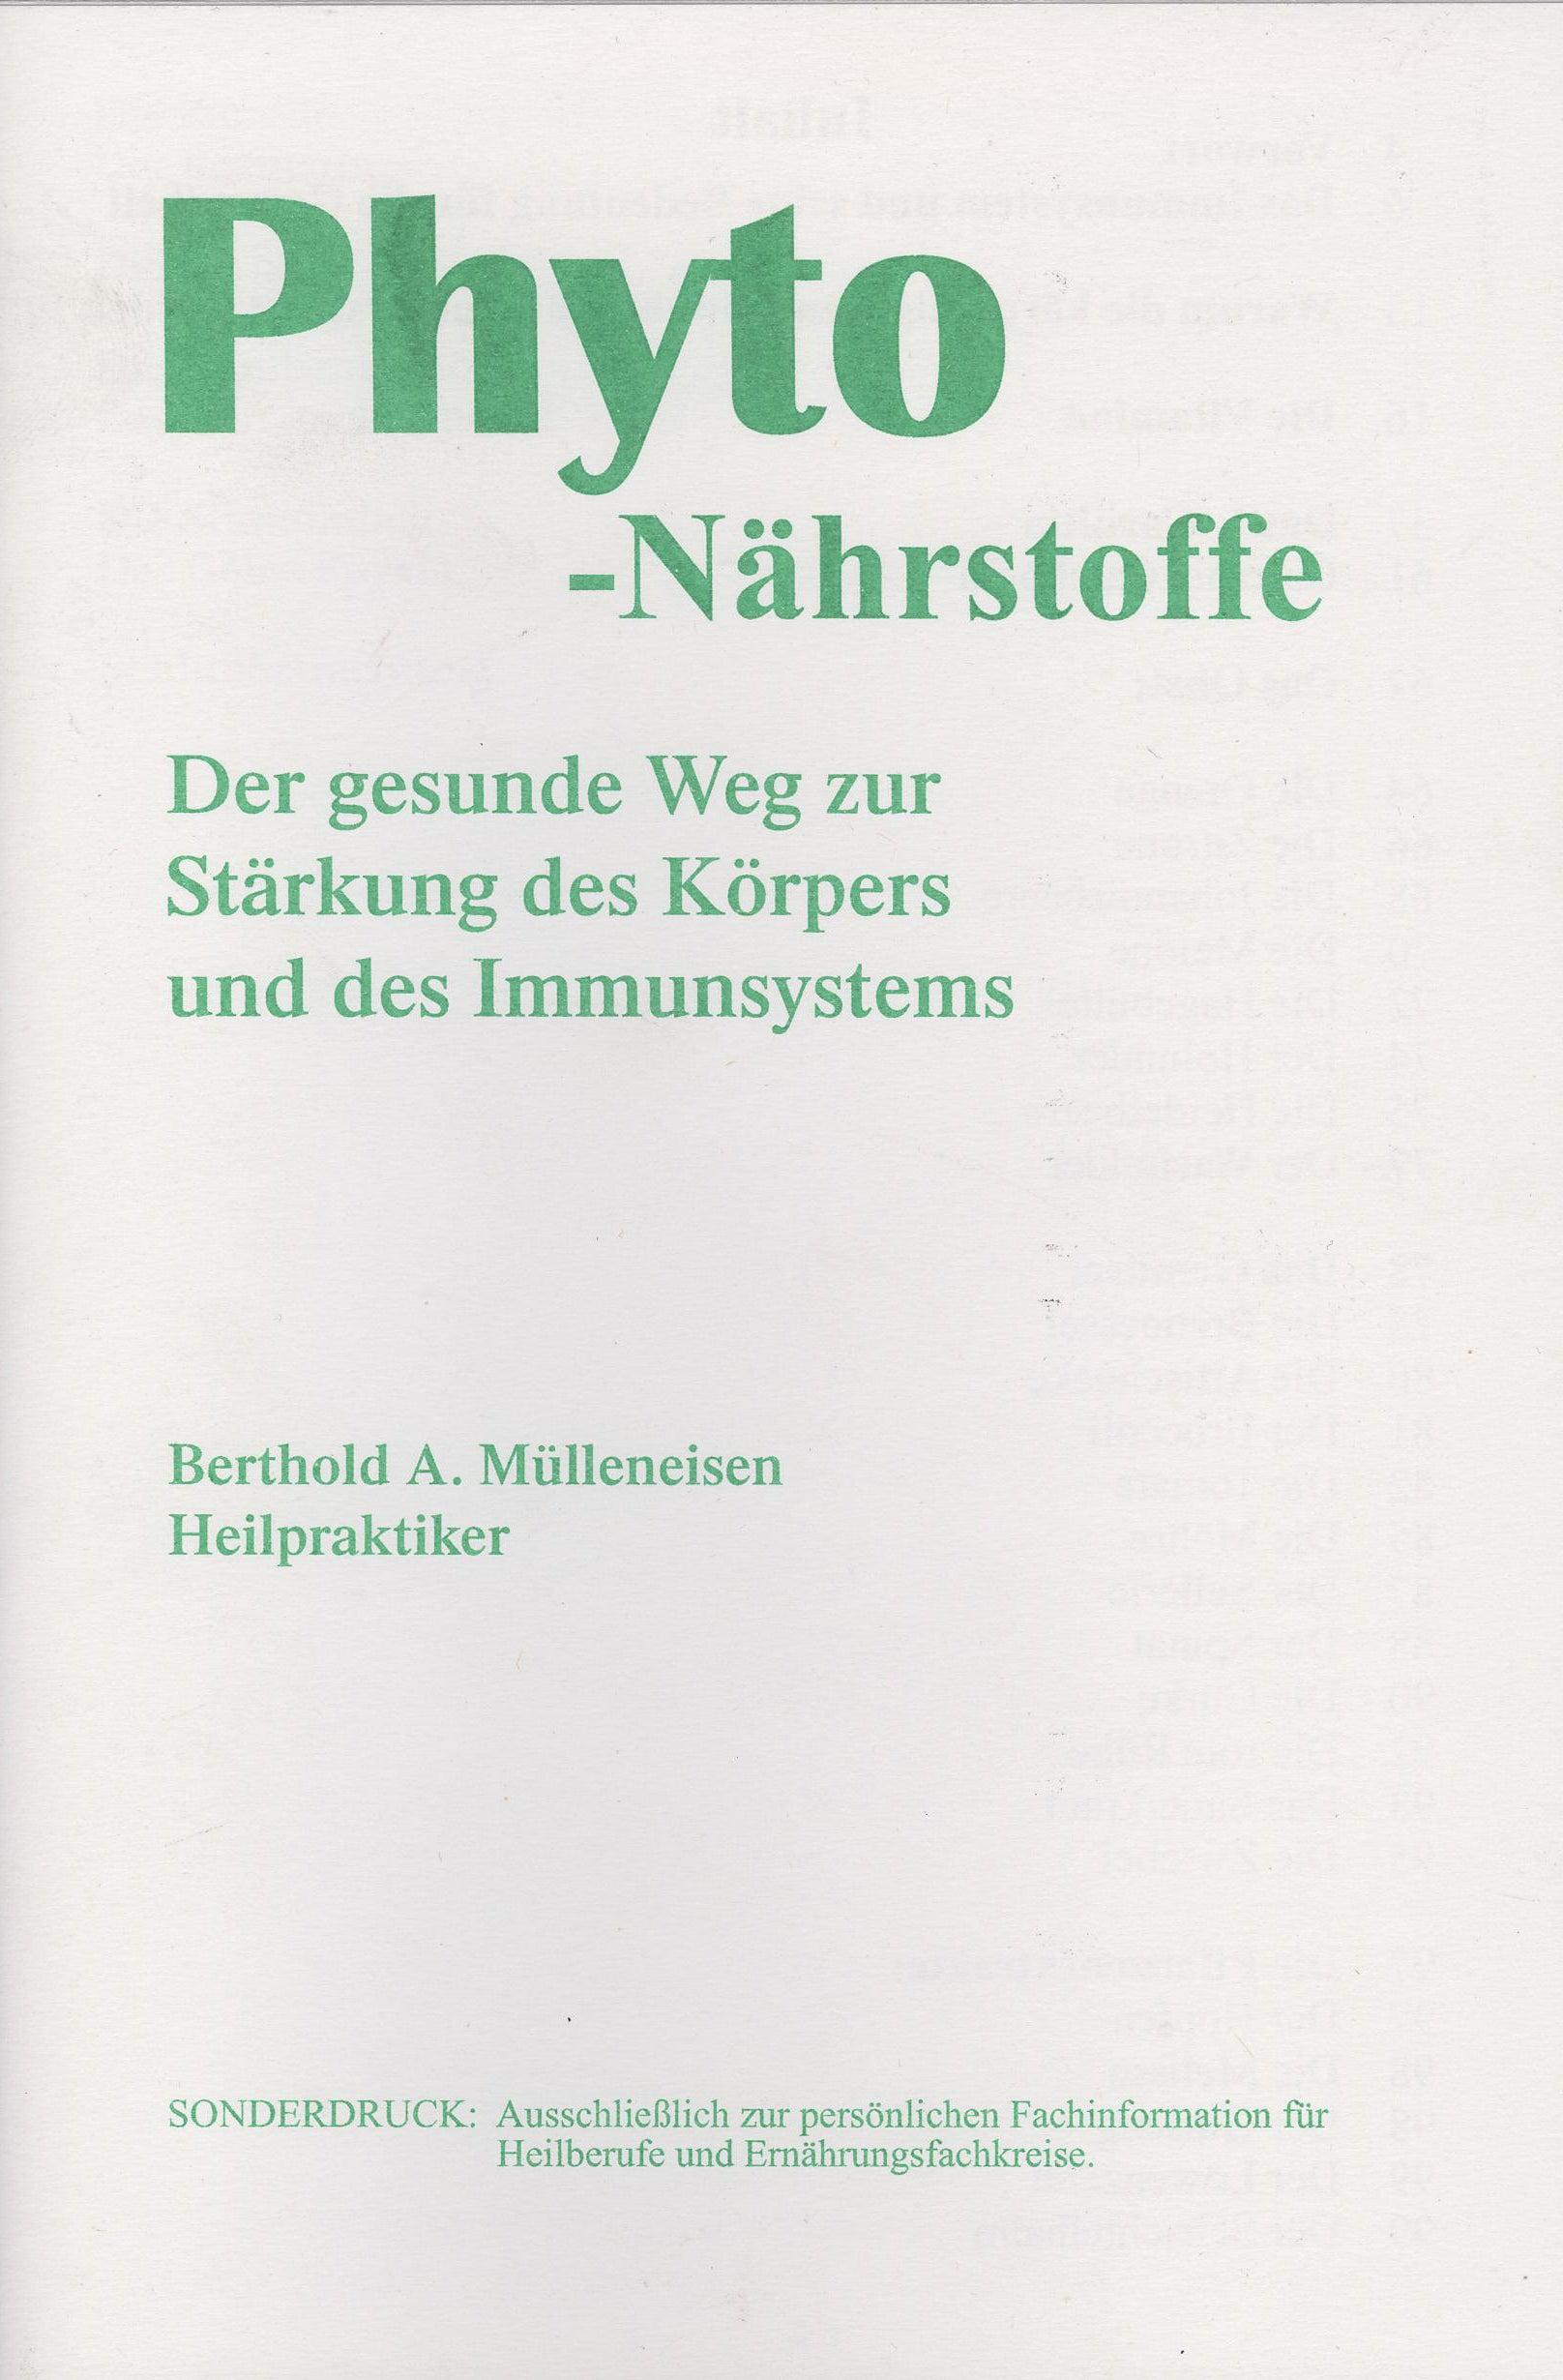 Phyto - Nährstoffe